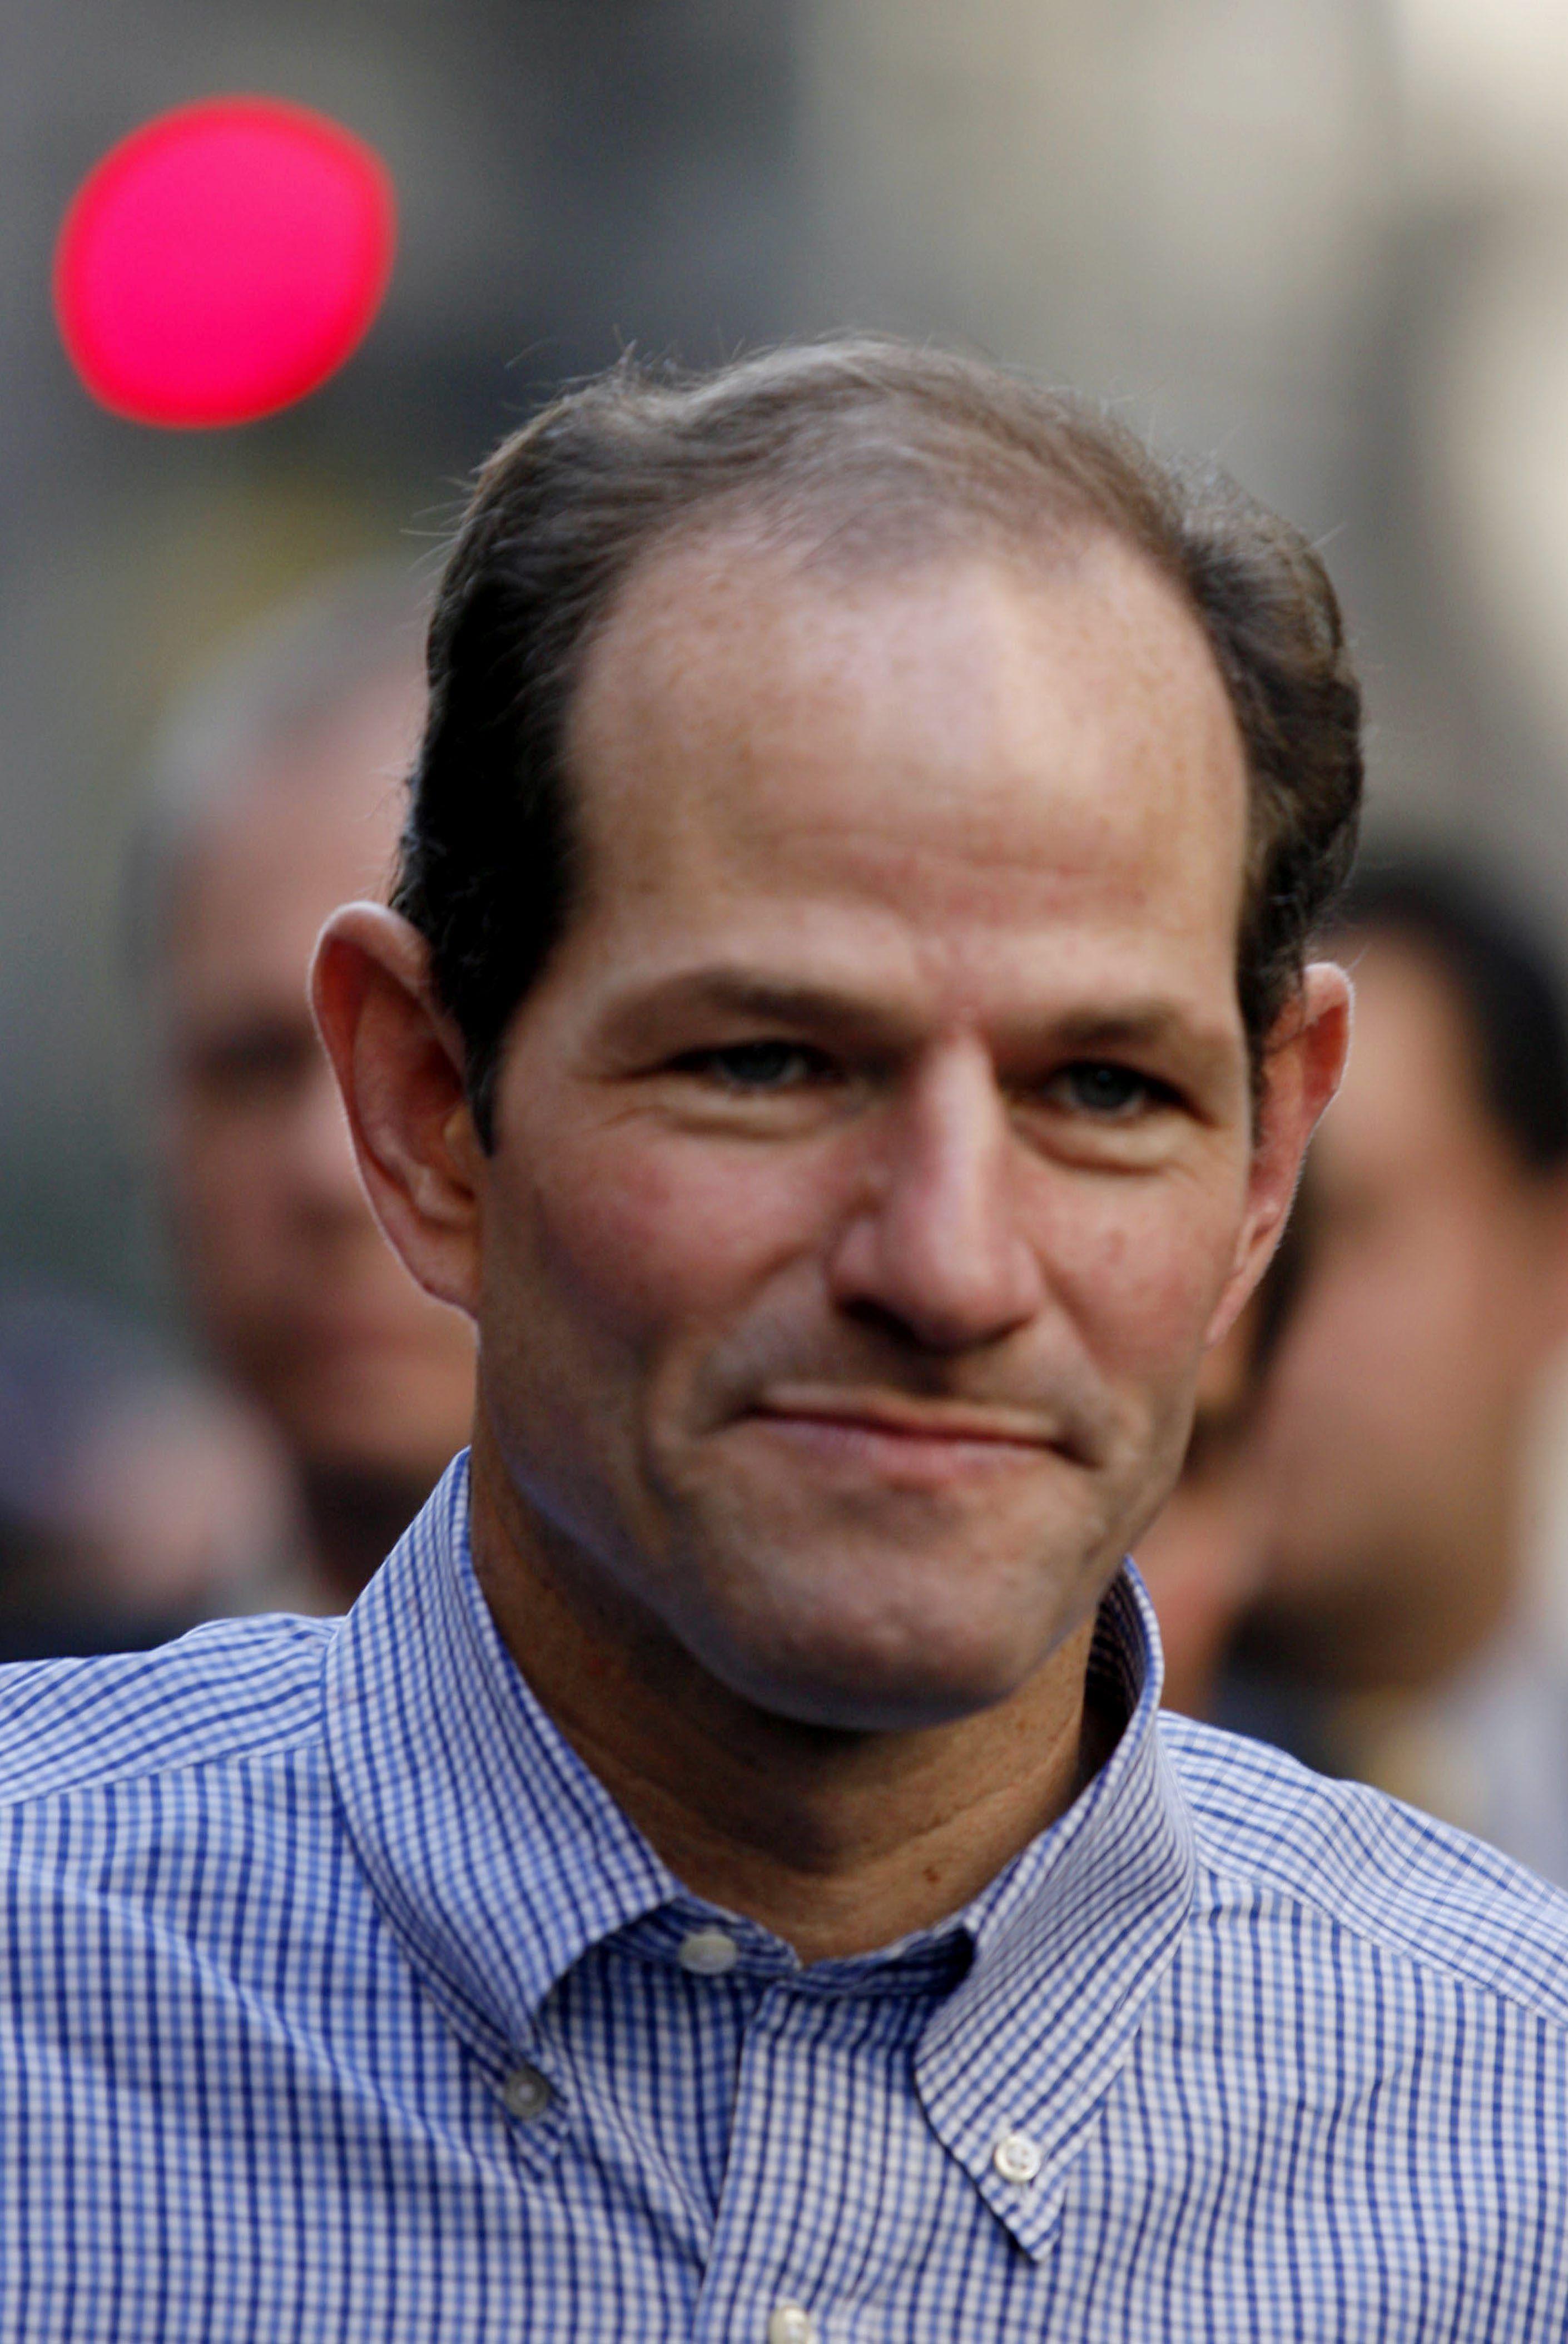 7. Elliot Spitzer